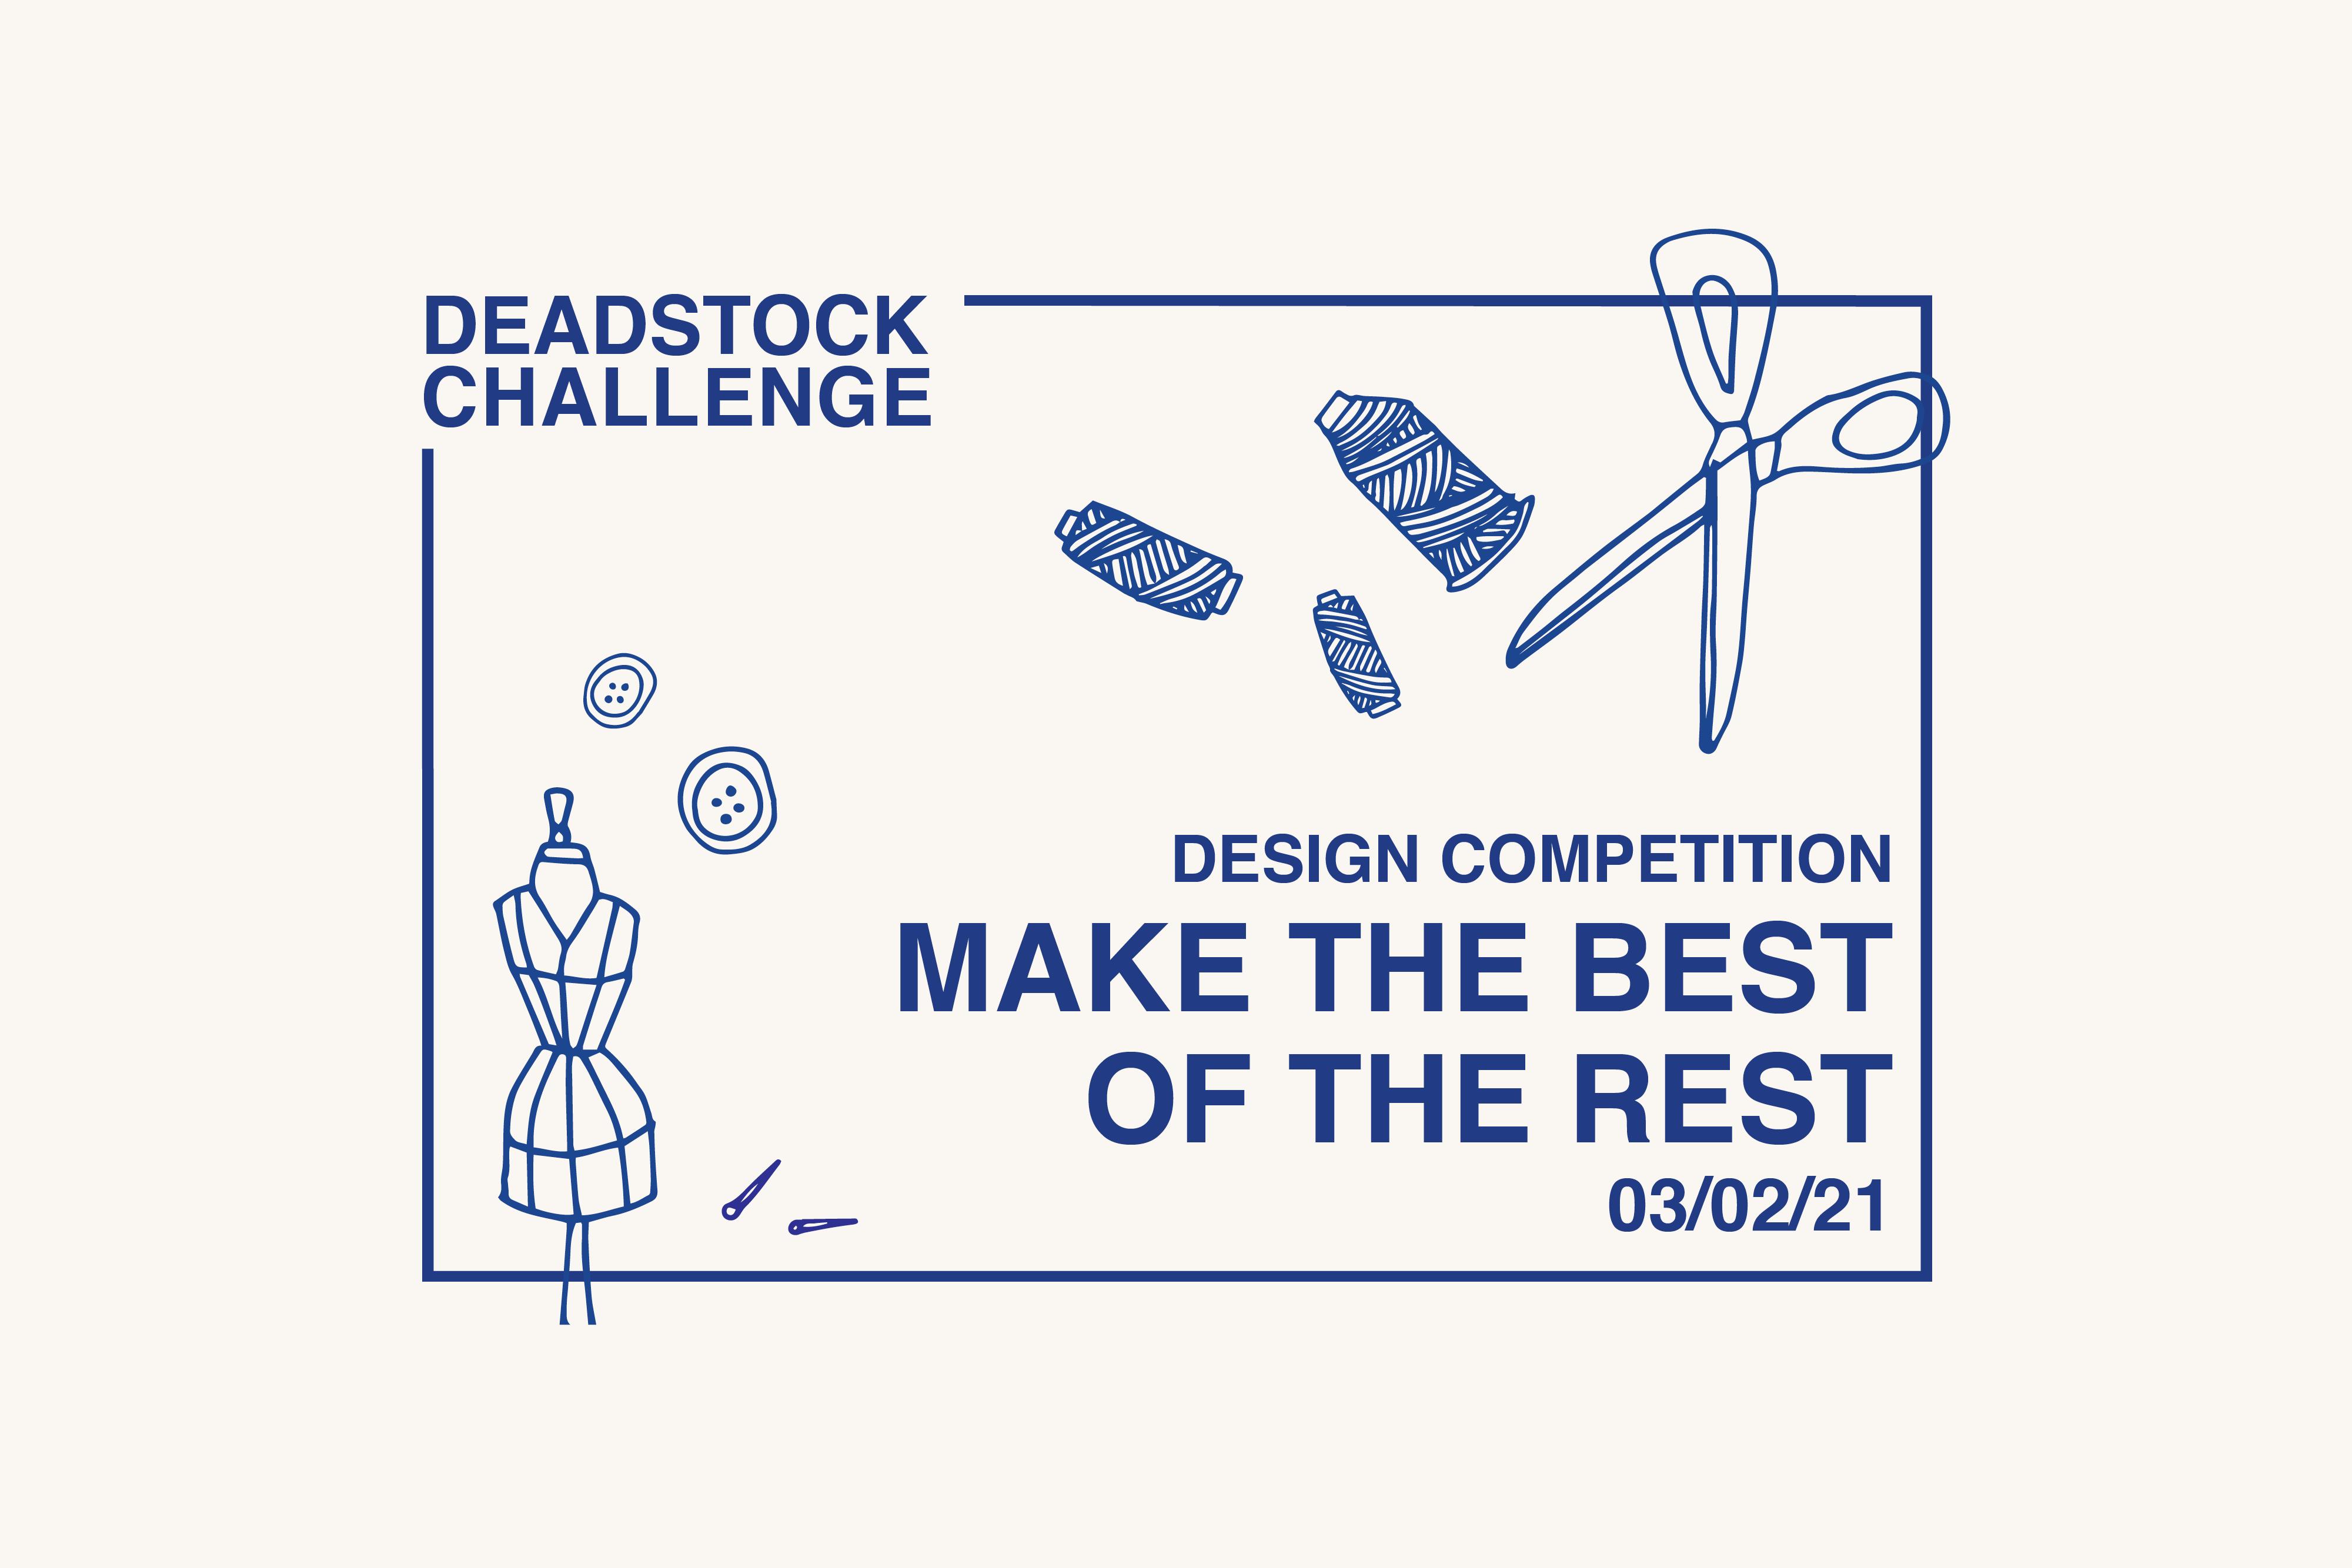 Deadstock Challenge 2021